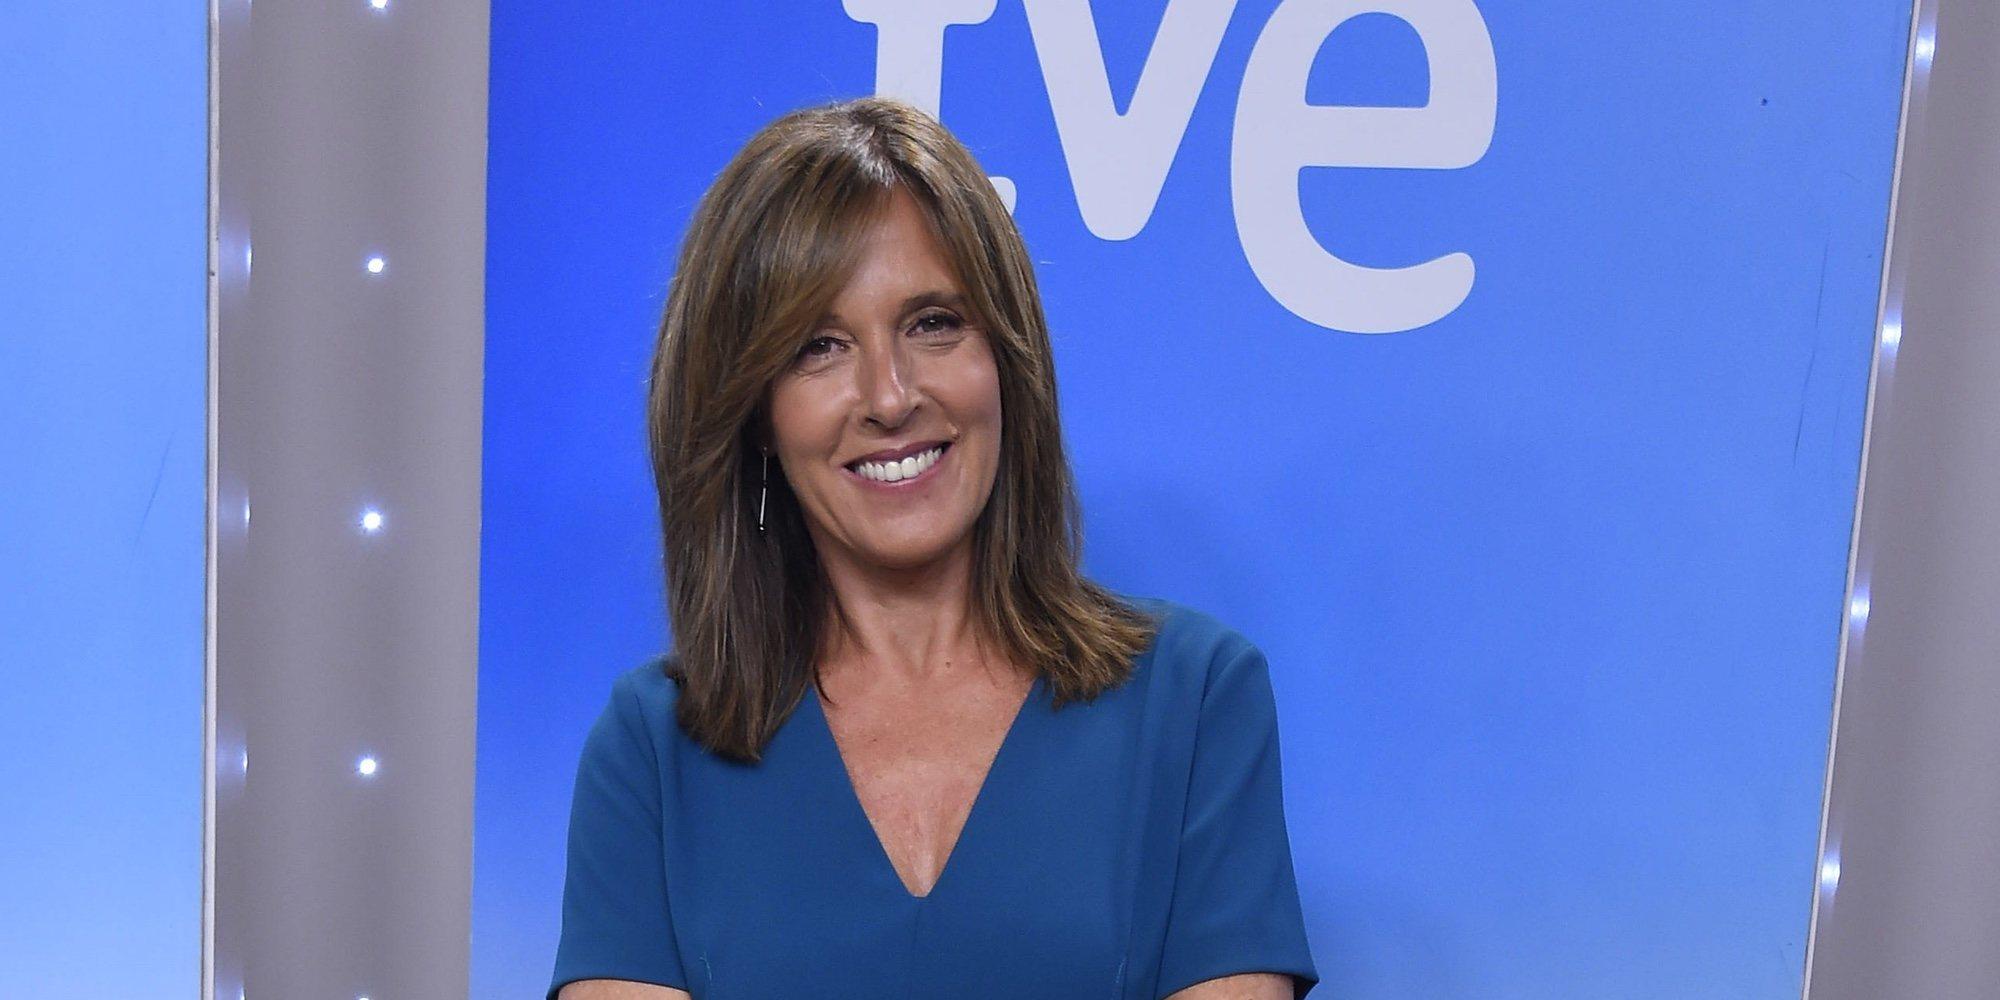 Muere la madre de Ana Blanco, presentadora del Telediario de La 1